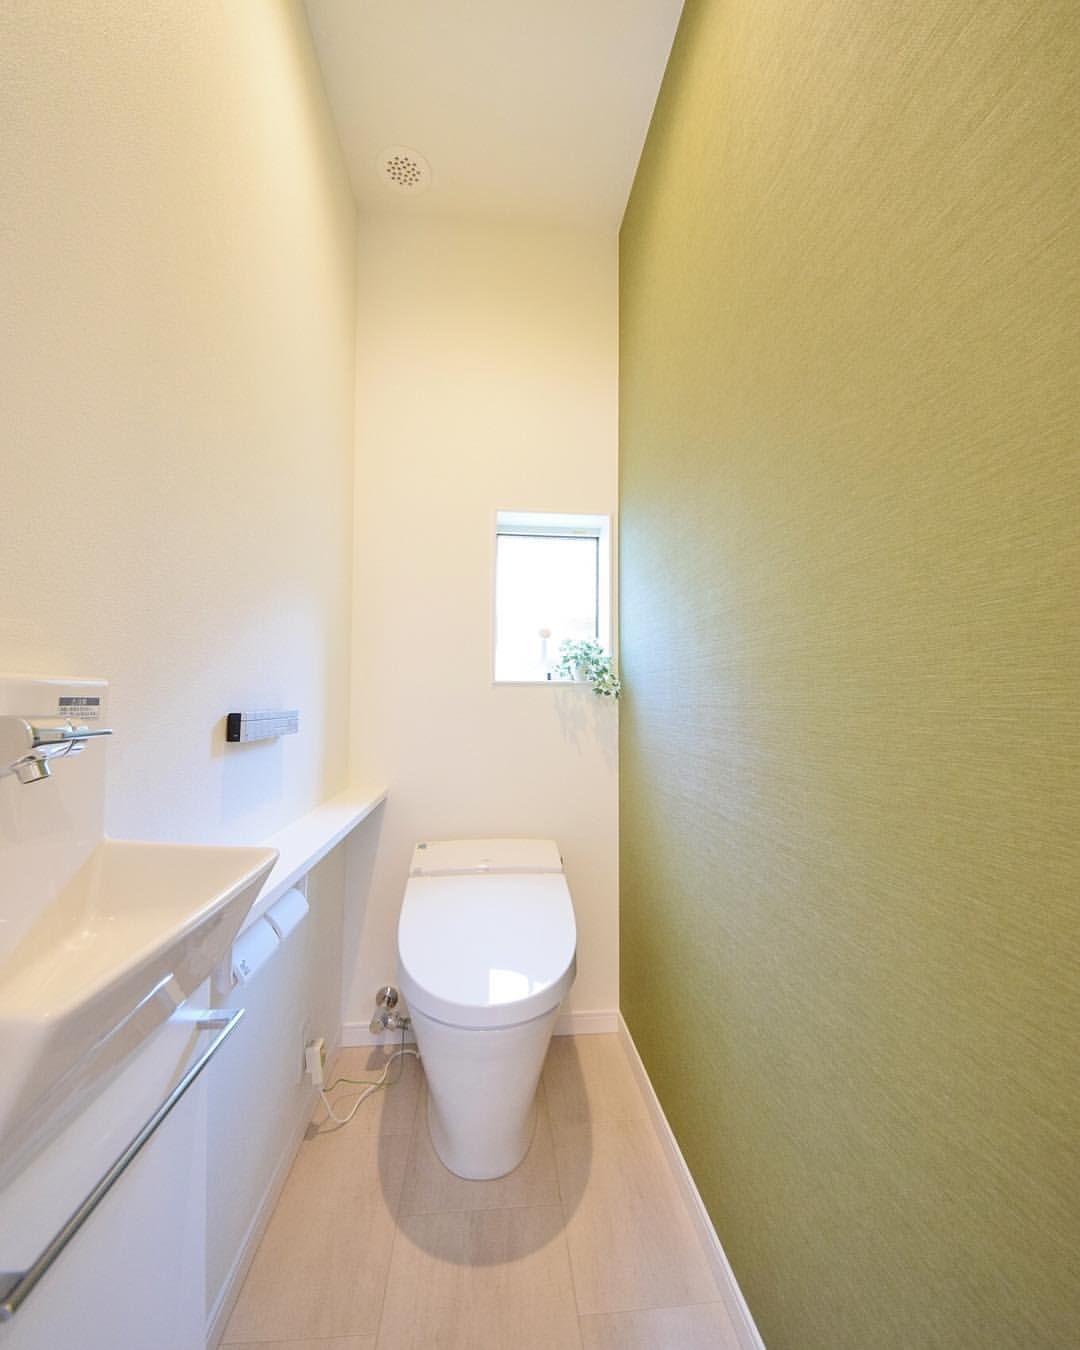 トイレの壁紙は一面だけでも変えると印象がガラリと変わります